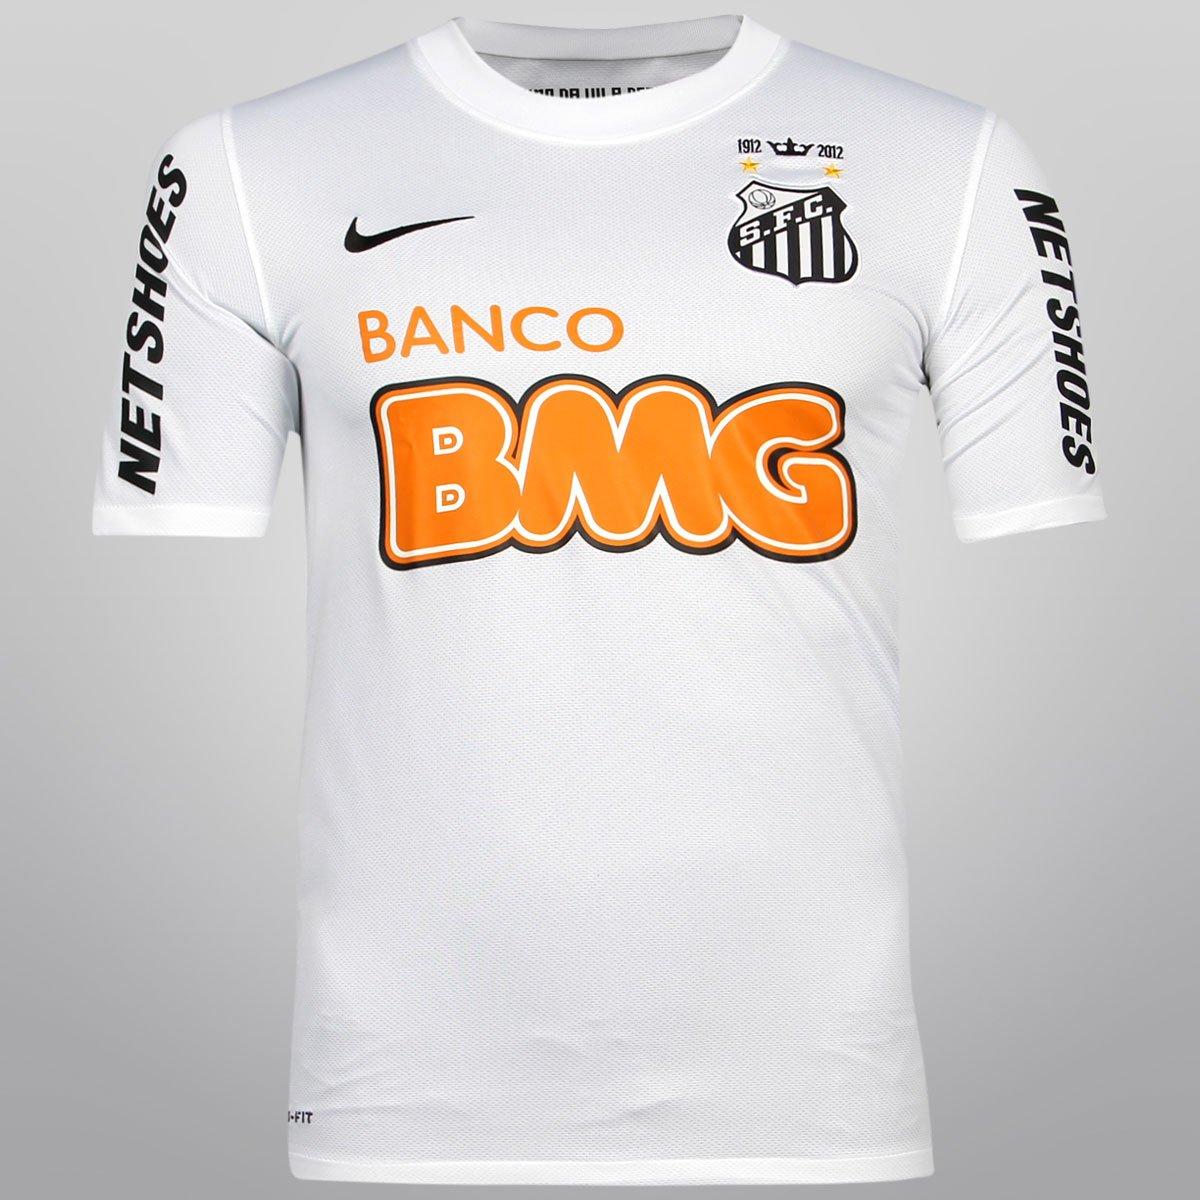 2c93c496e3 Camisa Nike Santos I 12 13 s nº - Compre Agora